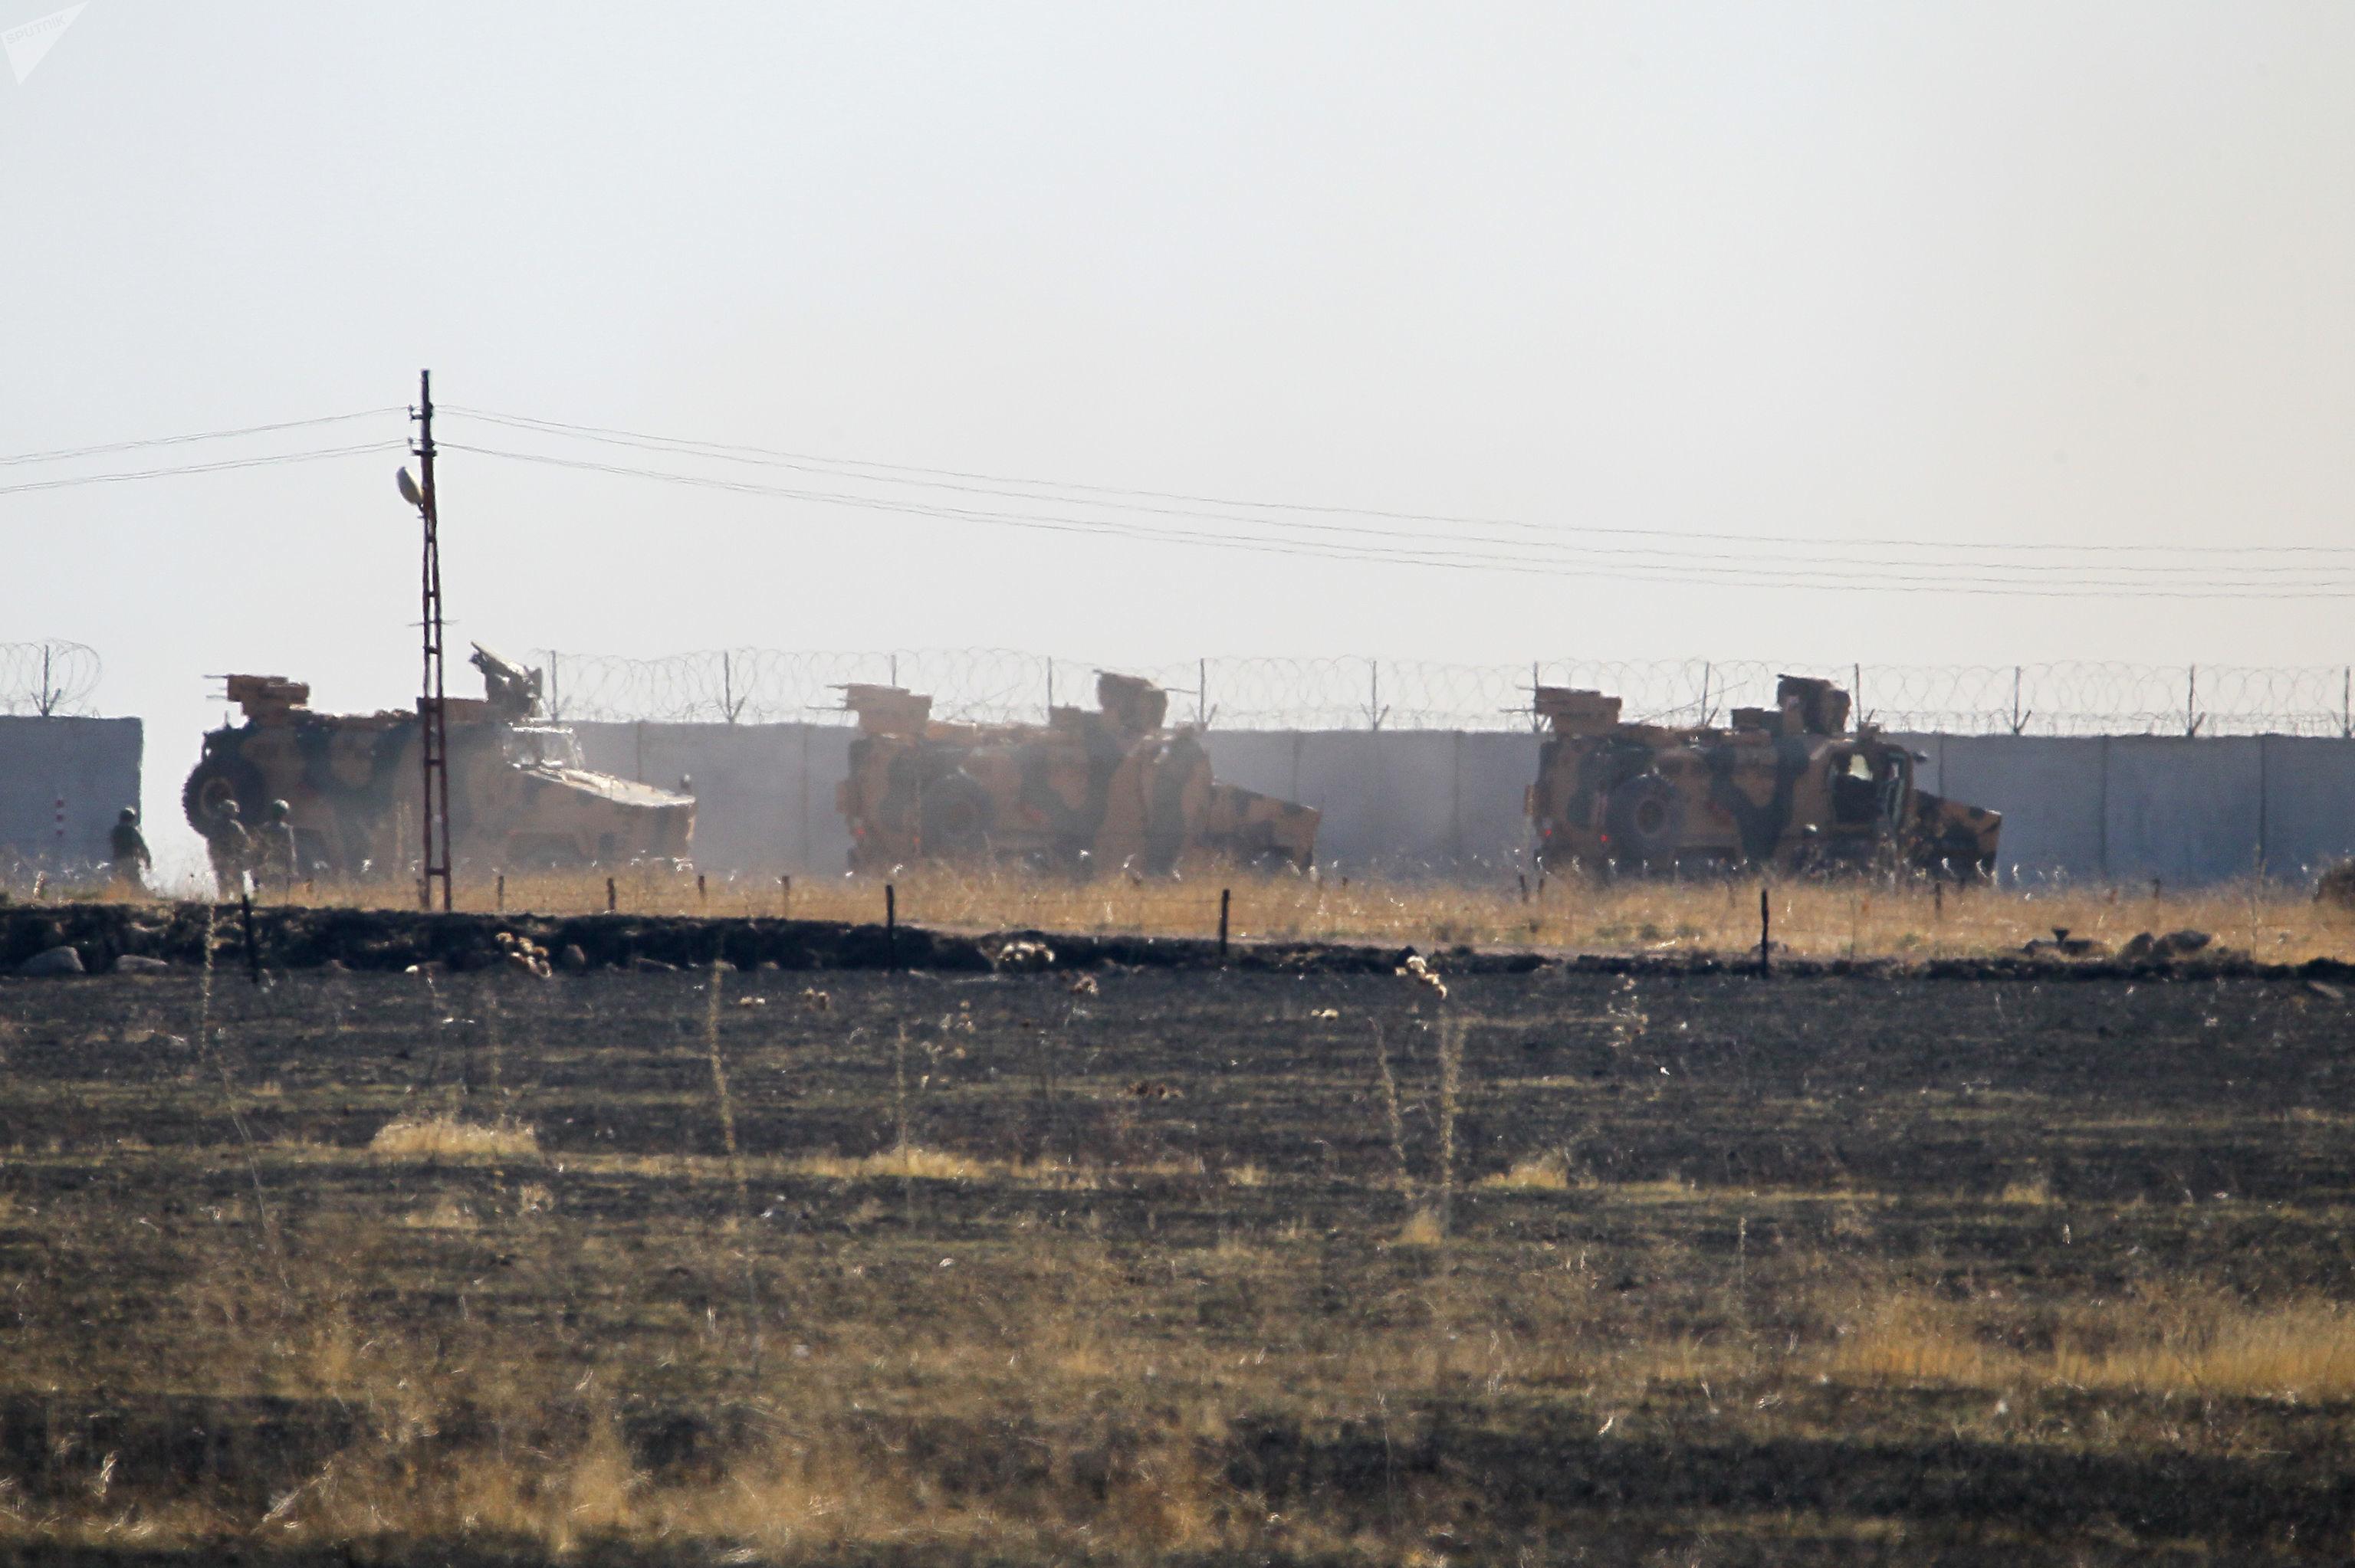 Veículos blindados da Rússia e Turquia na fronteira turco-síria